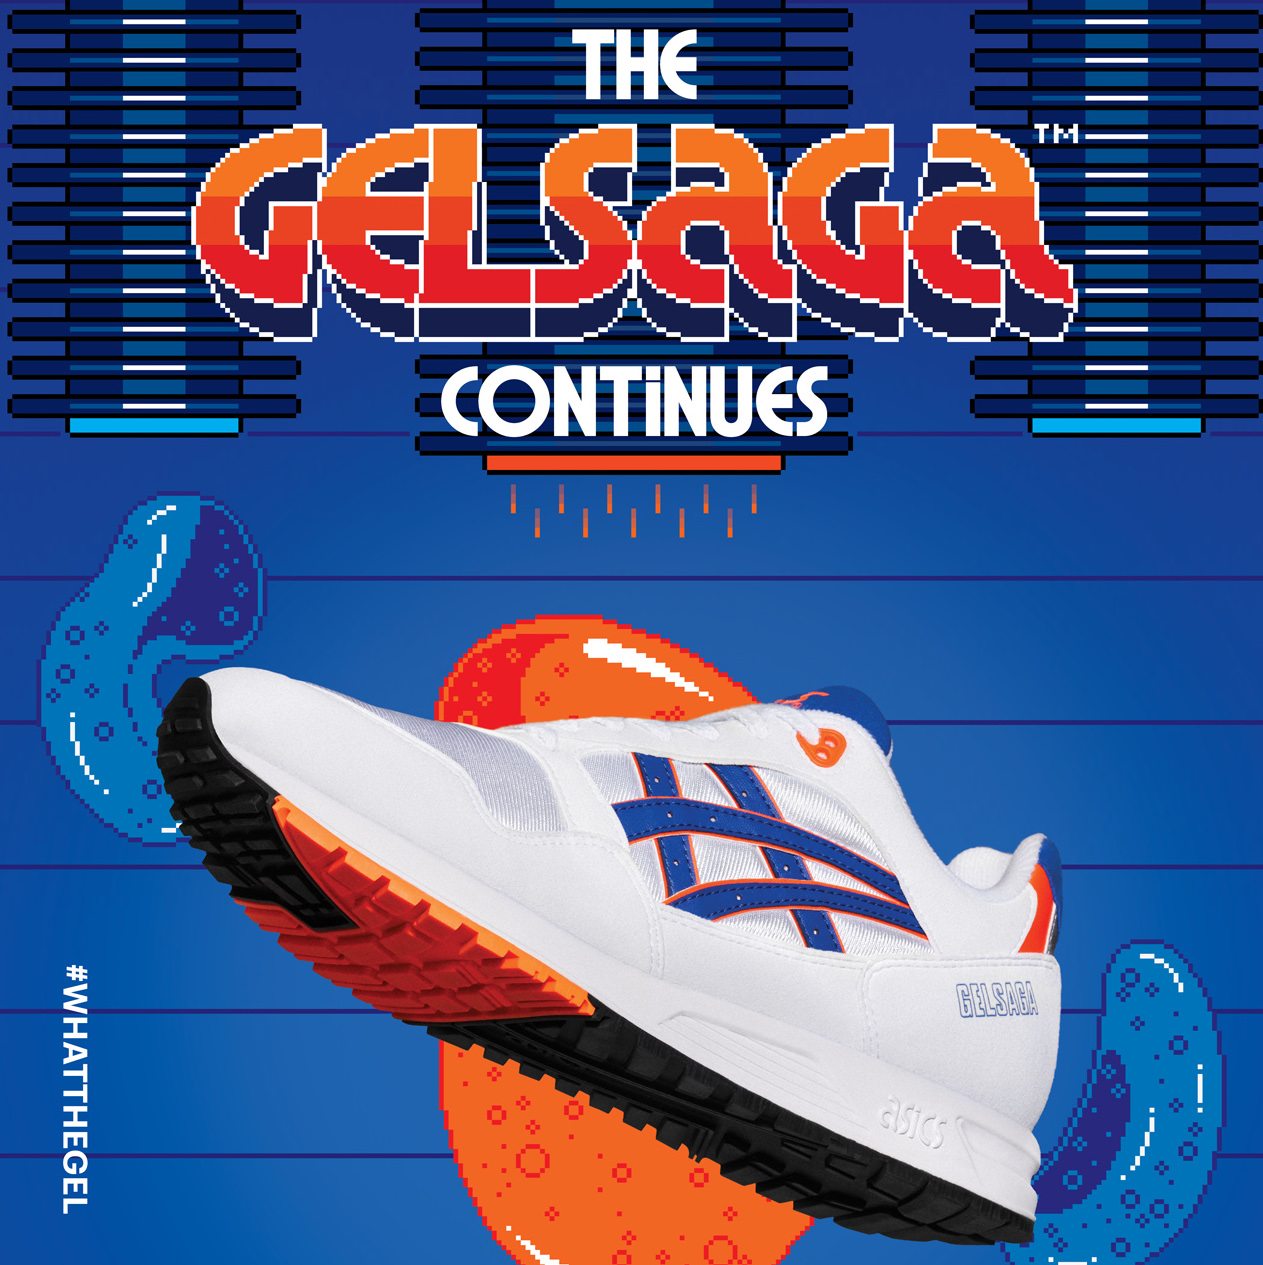 レトロだけどシャープ。'90年代の名作〈ゲルサガ〉に新色が登場!